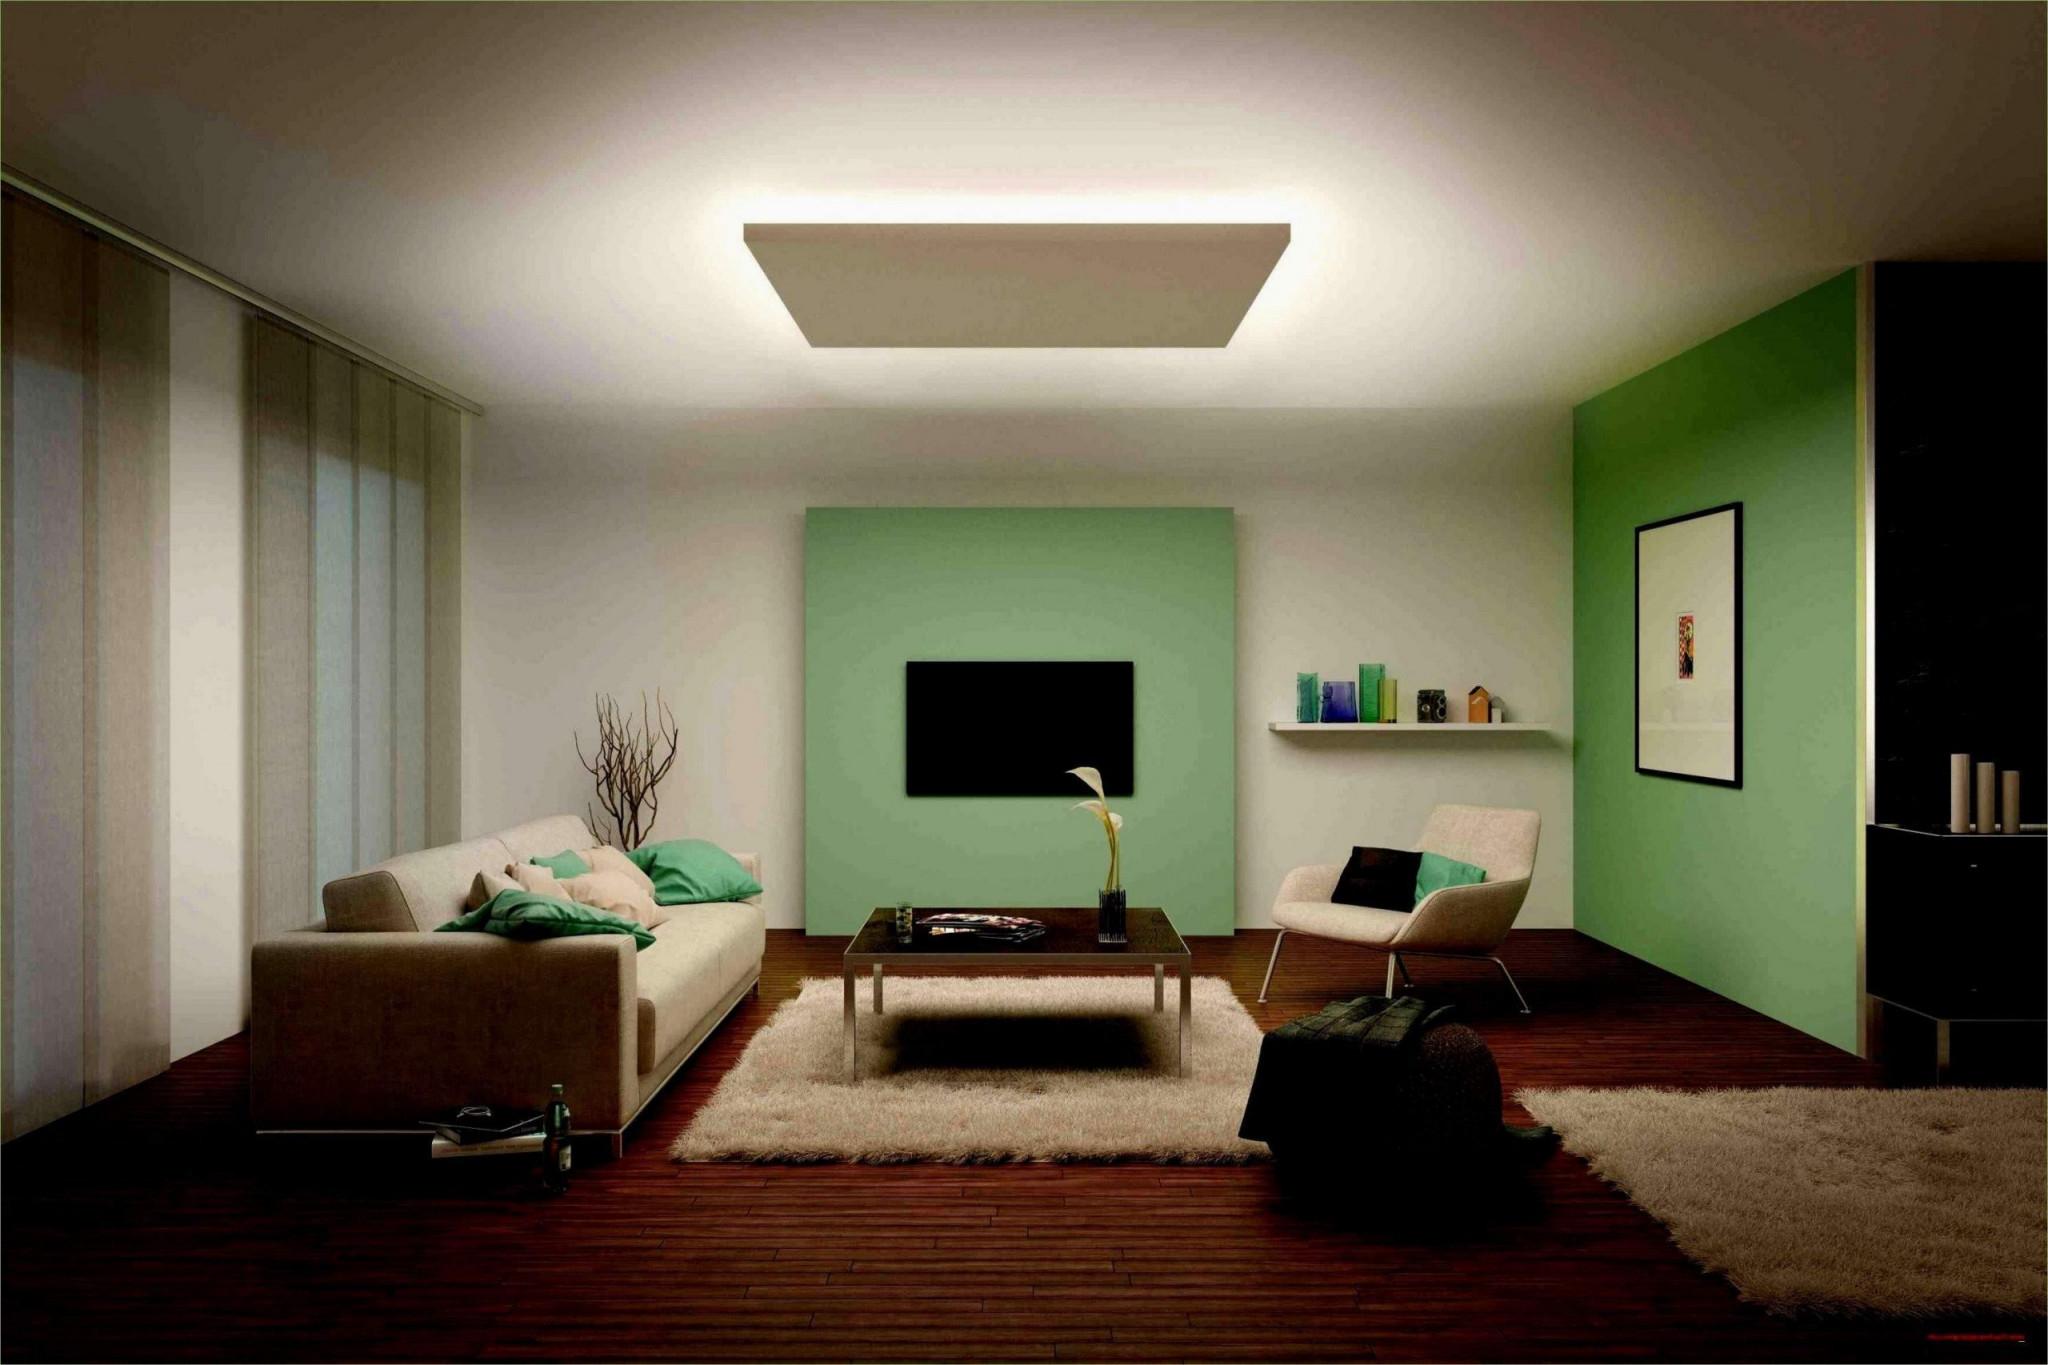 30 Elegant Lampe Wohnzimmer Decke Schön  Wohnzimmer Frisch von Lampe Für Wohnzimmer Decke Photo